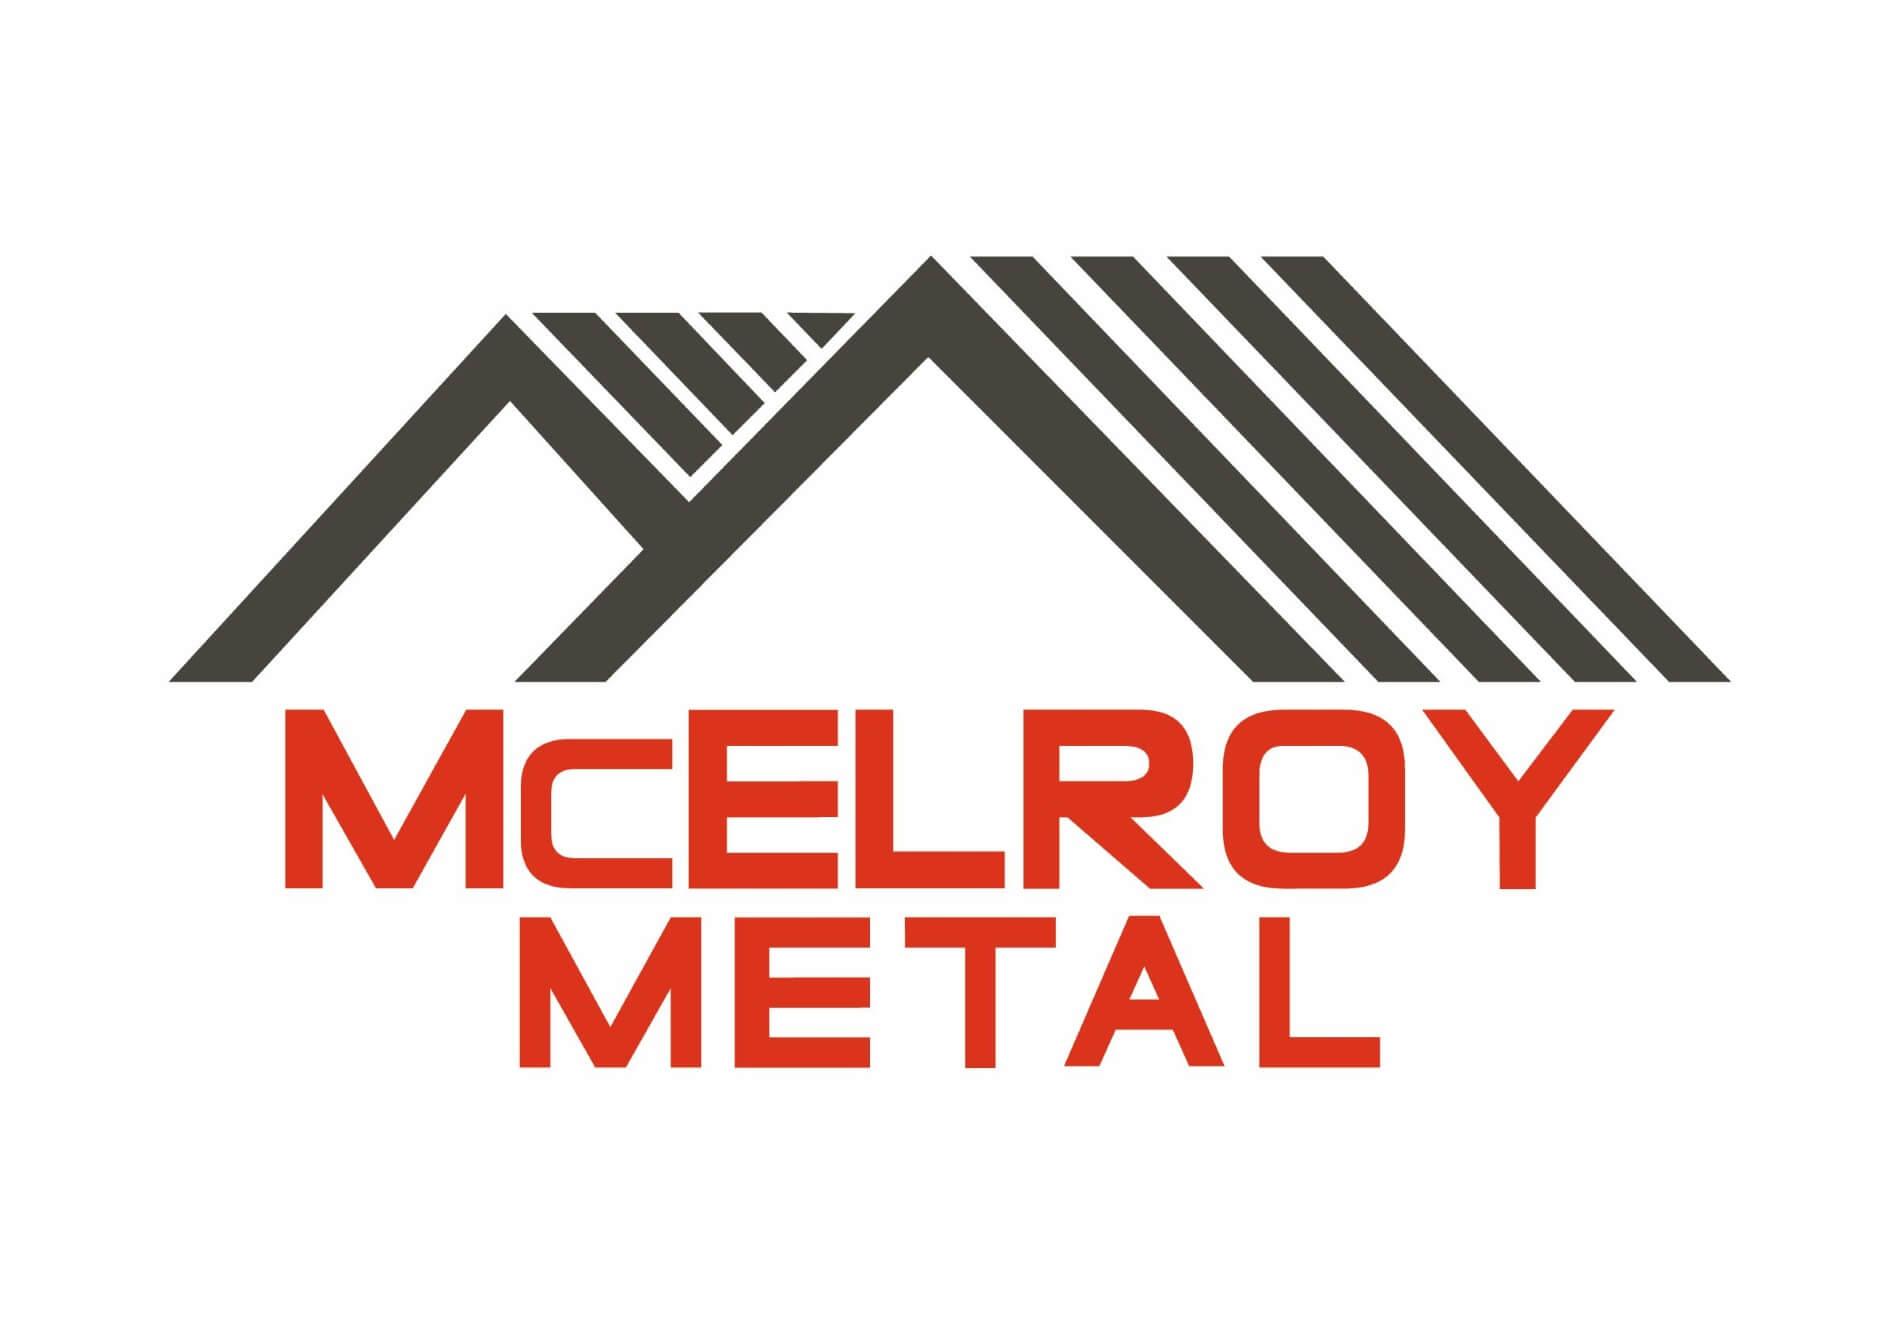 McElroy_Metal_logo (1)